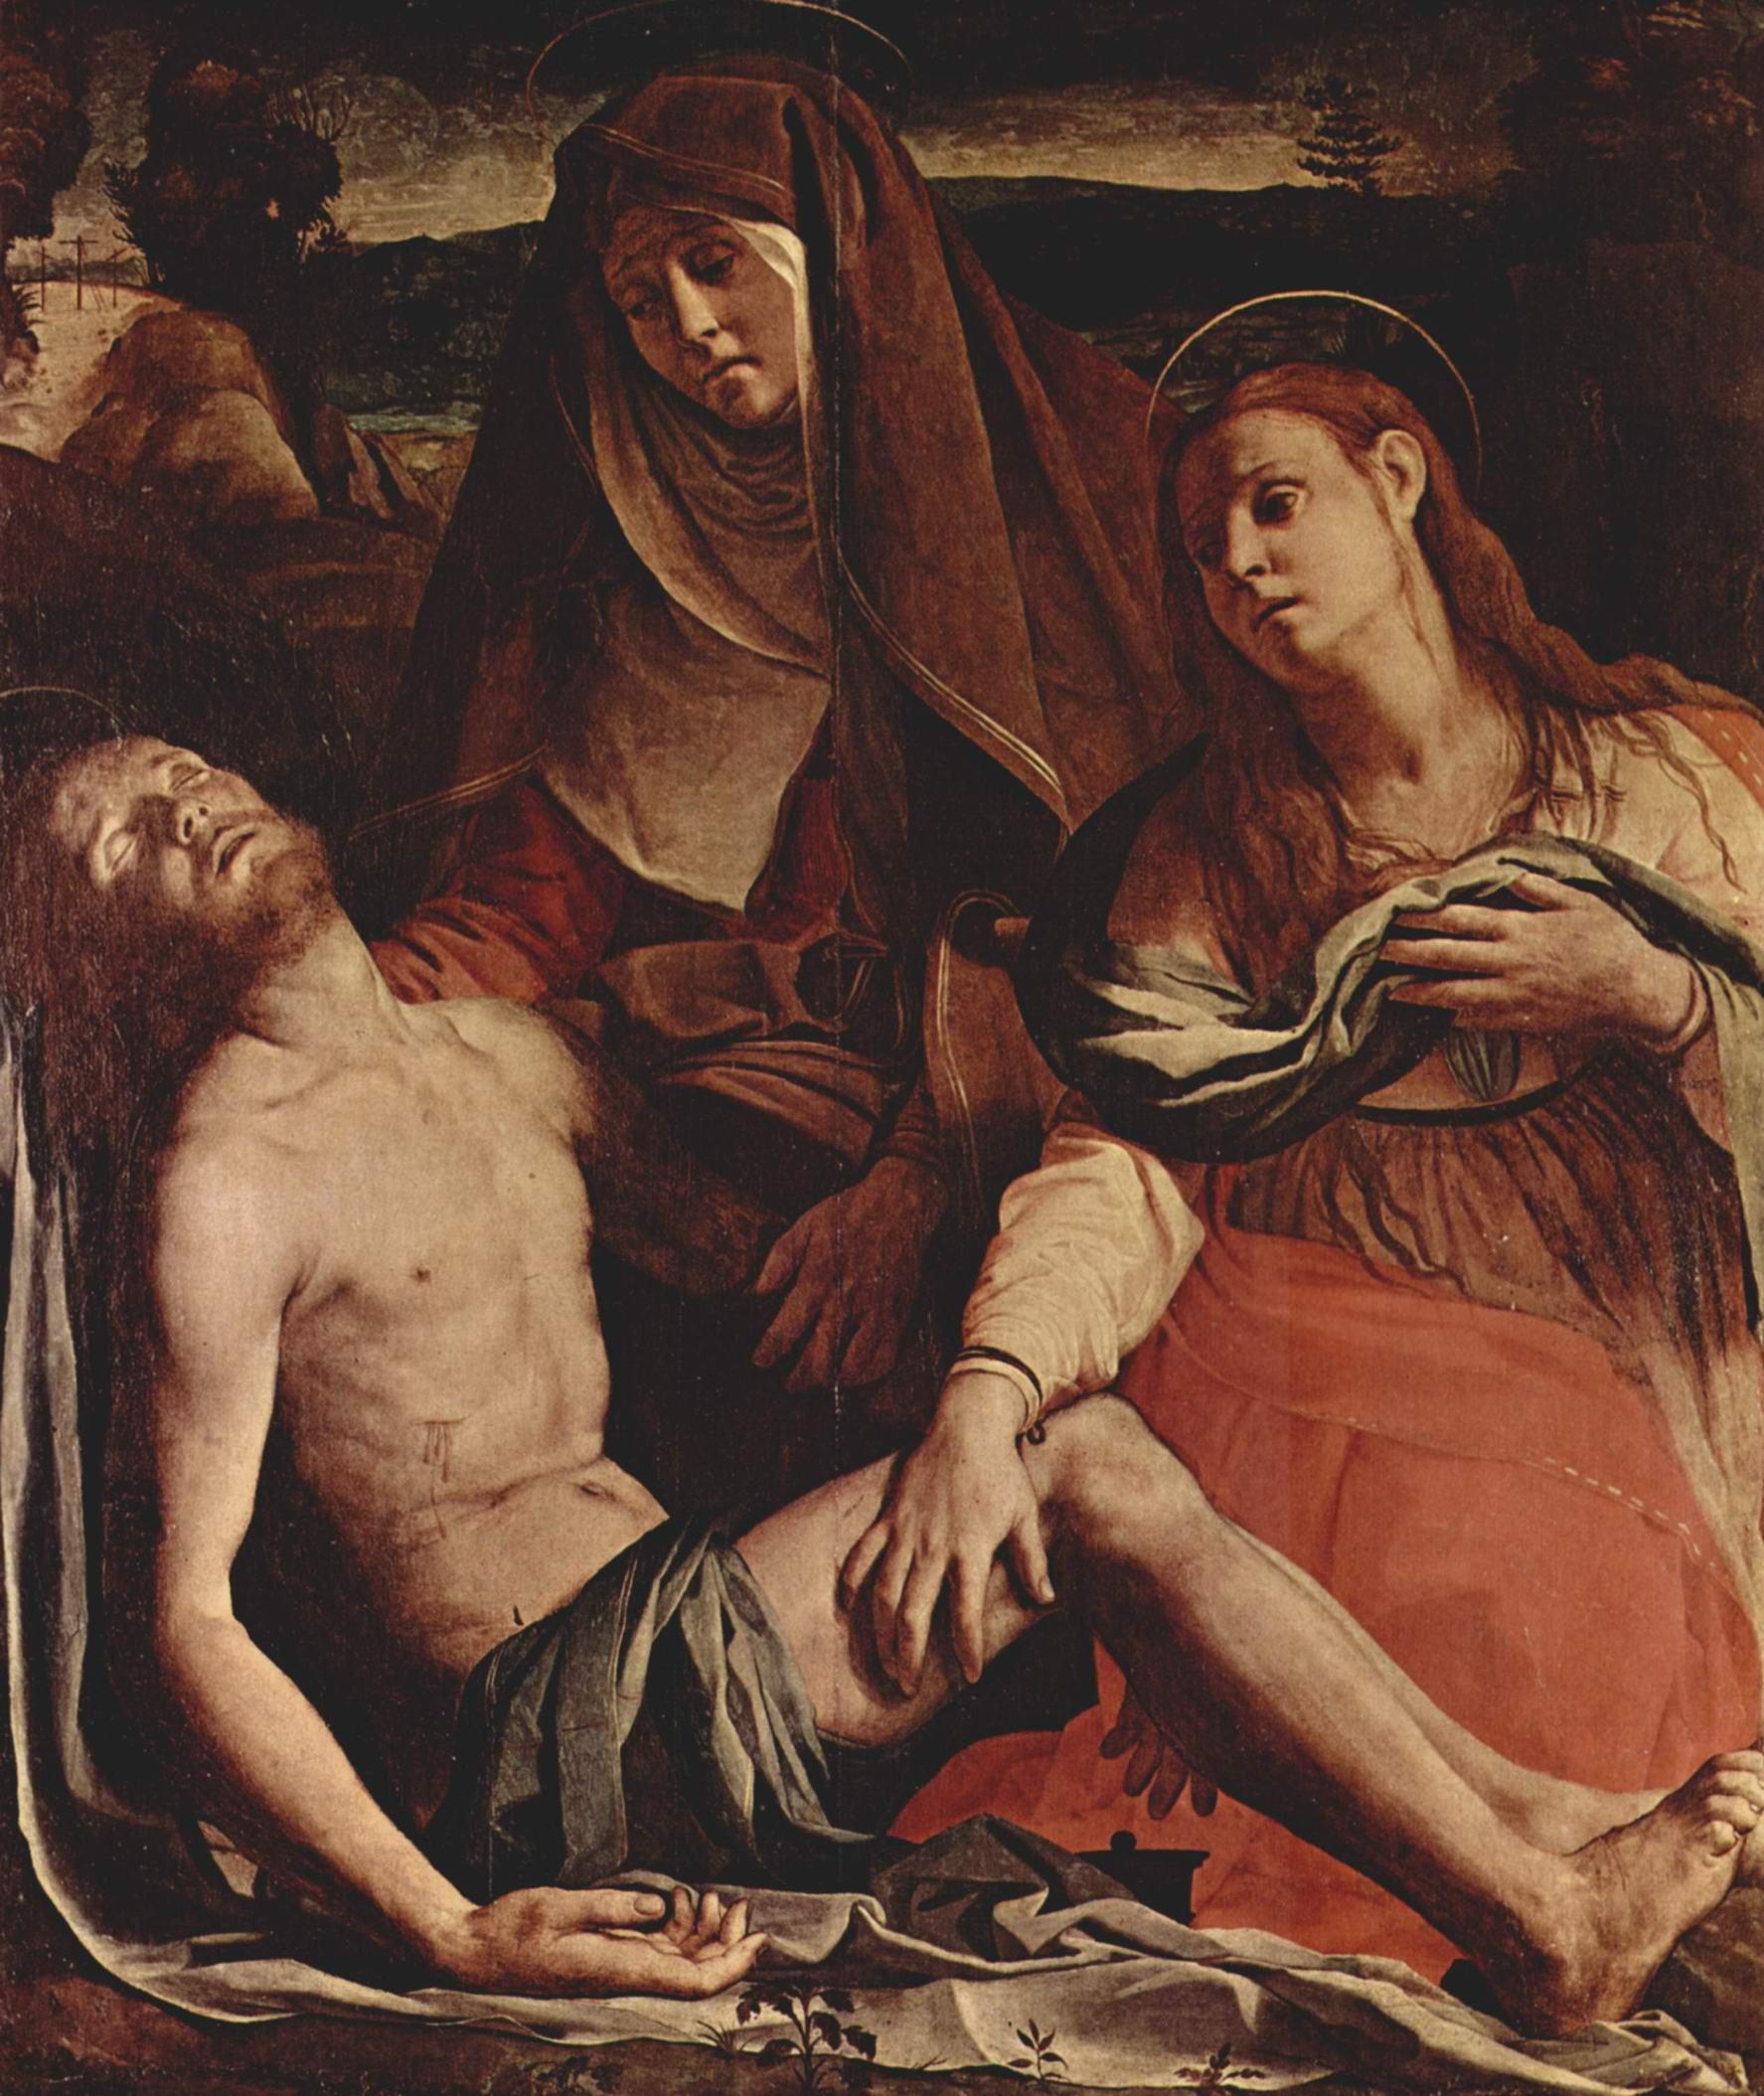 Пьета или Оплакивание, Умерший Христос, Мария и Мария Магдалина, Бронзино Аньоло